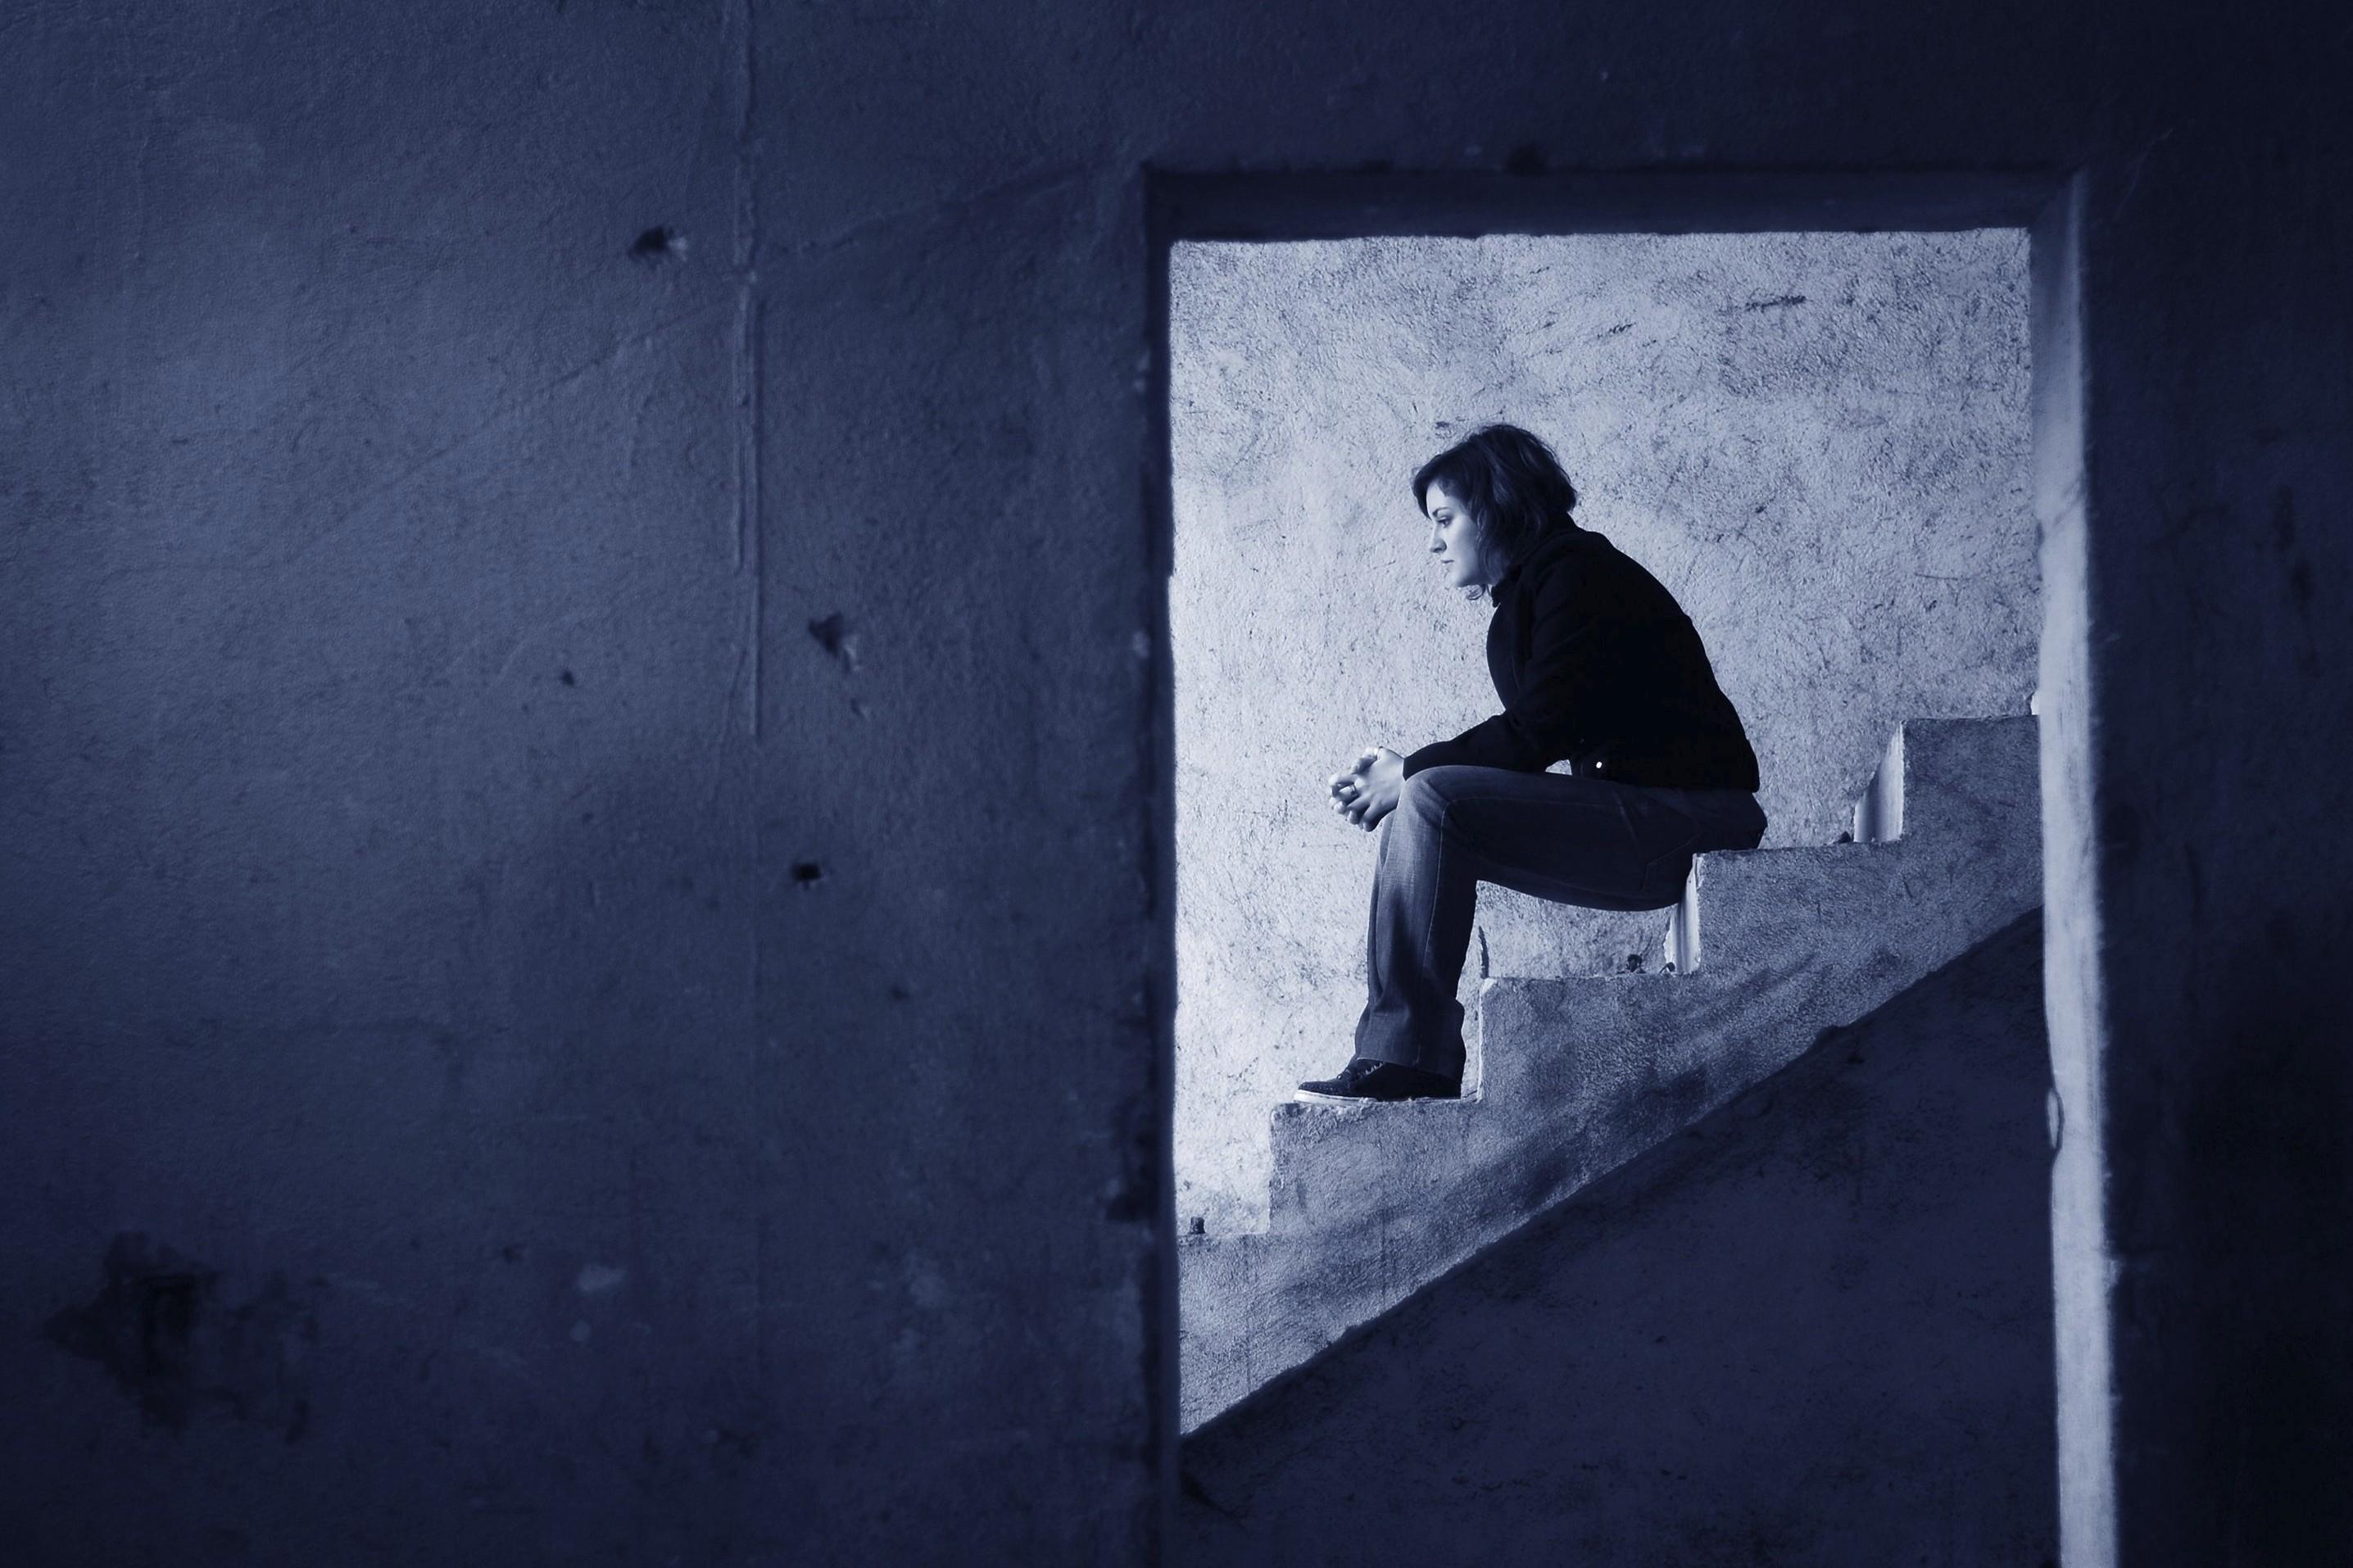 come sconfiggere la paura della solitudine